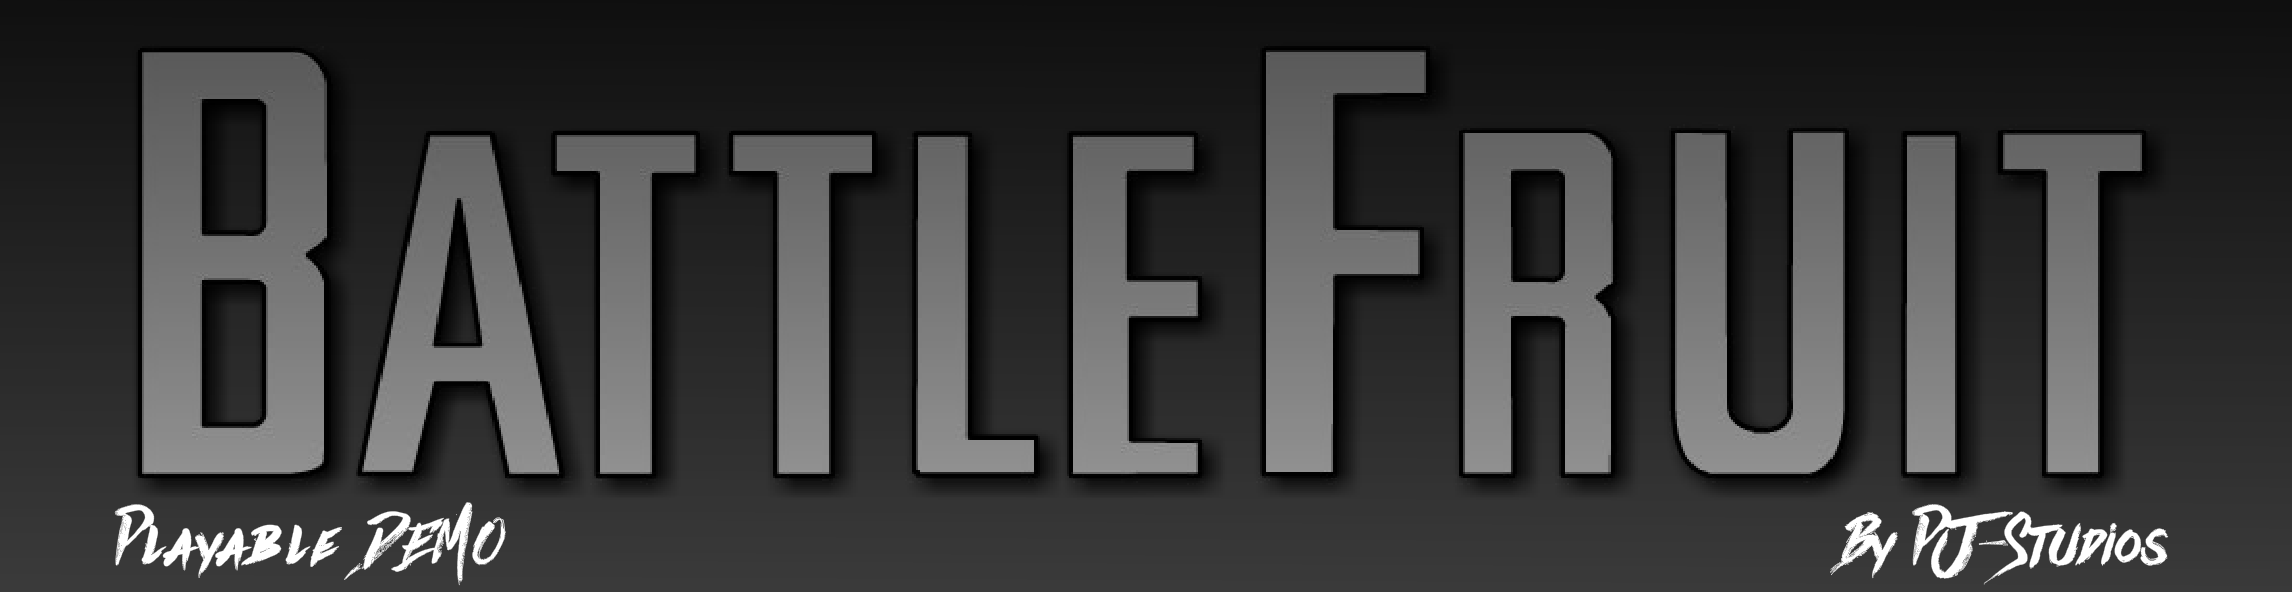 BattleFruit - Demo